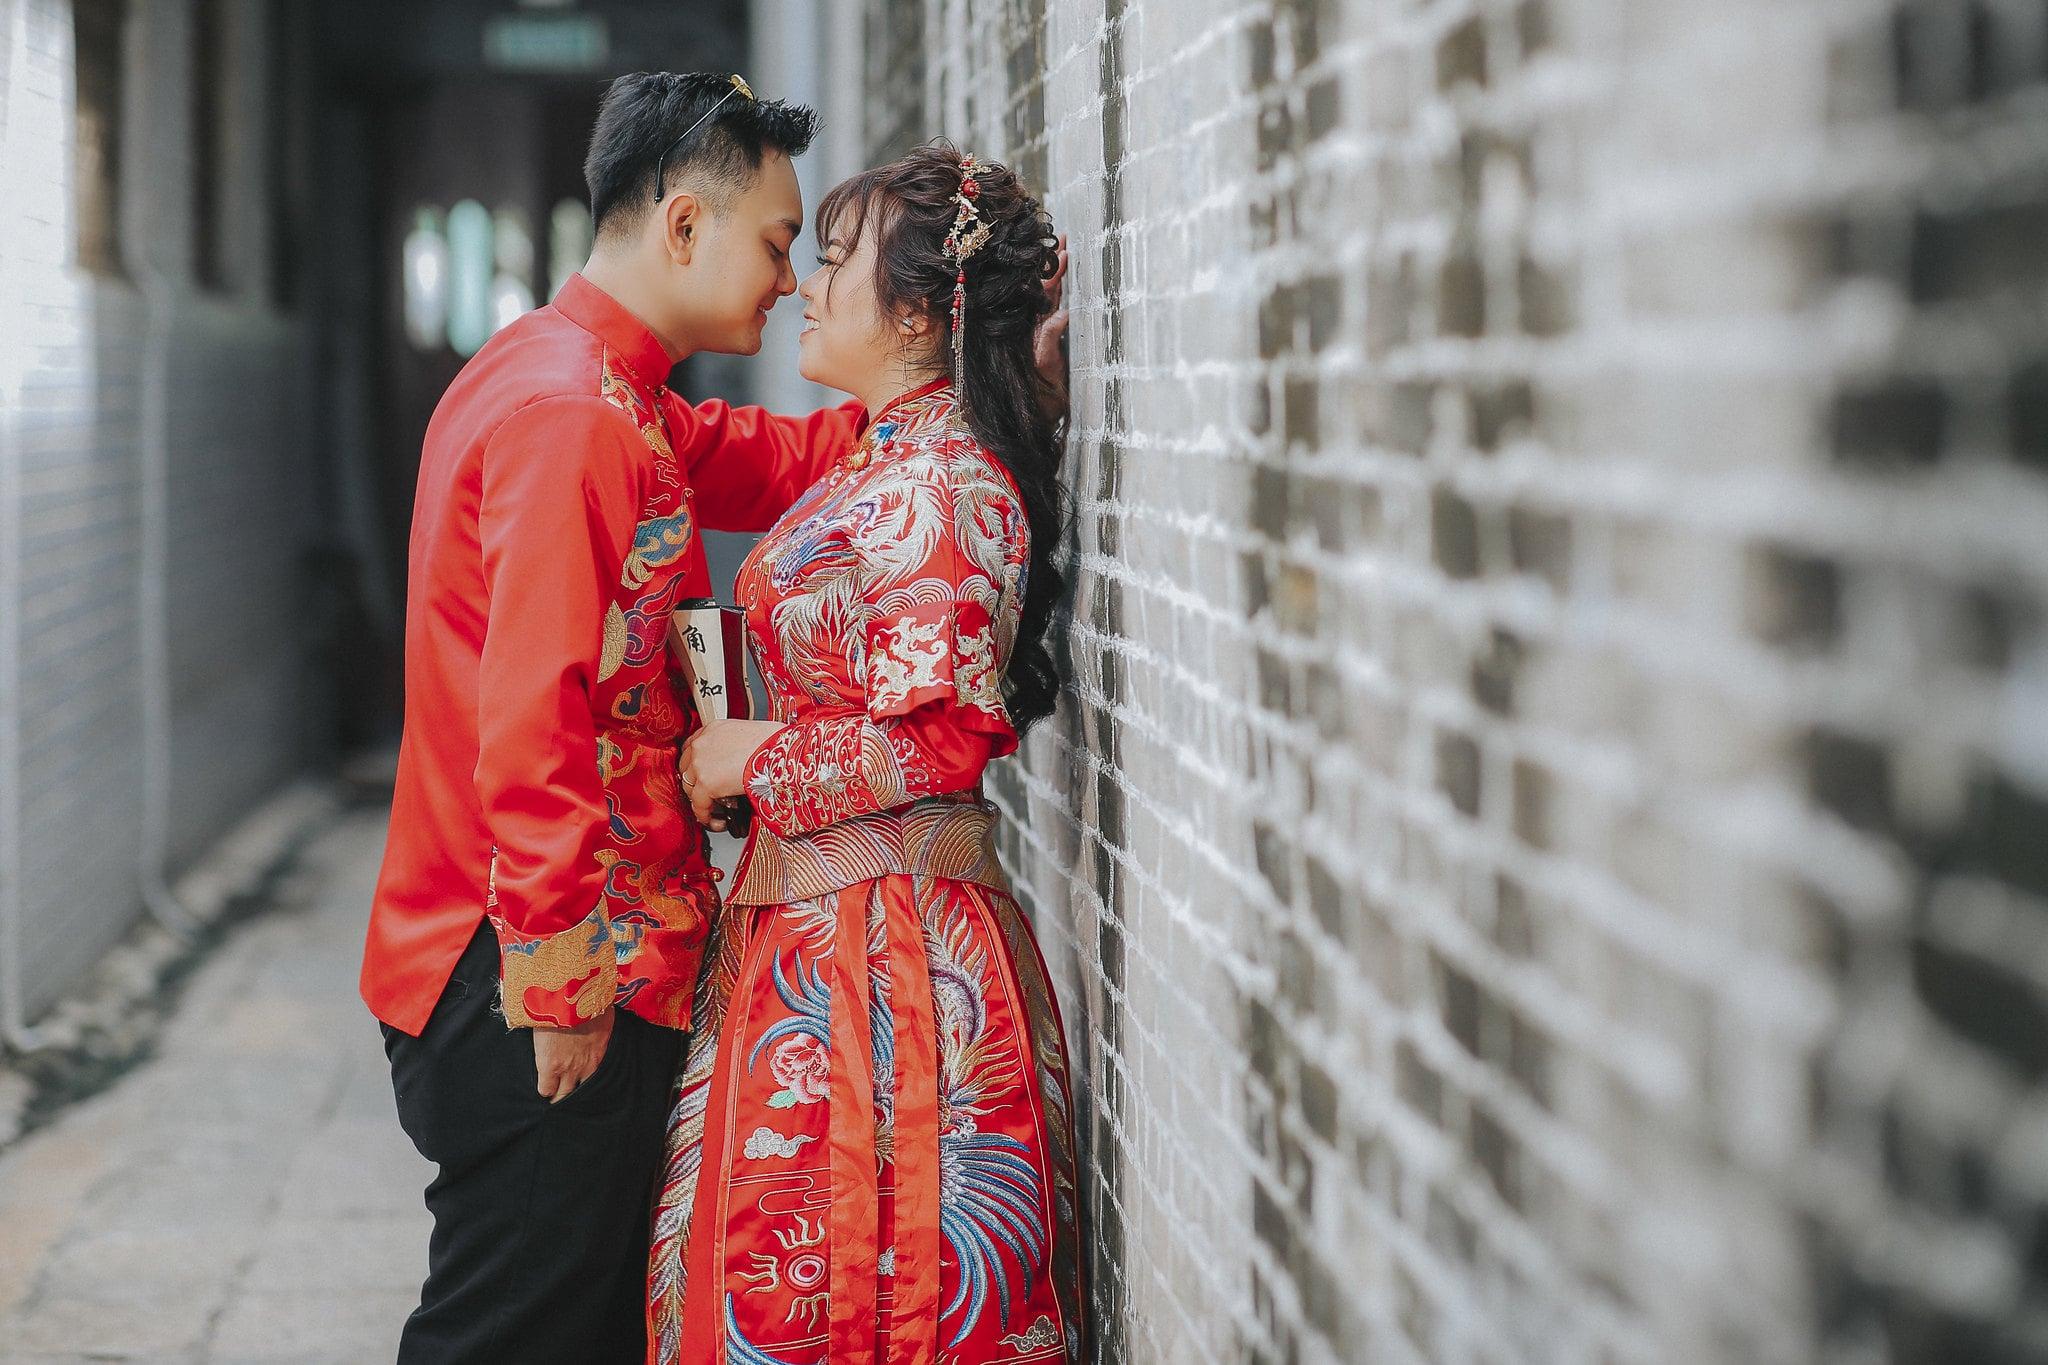 couple co trang 10 - Bộ ảnh couple cổ trang chụp tại chùa bà thiên hậu- HThao Studio